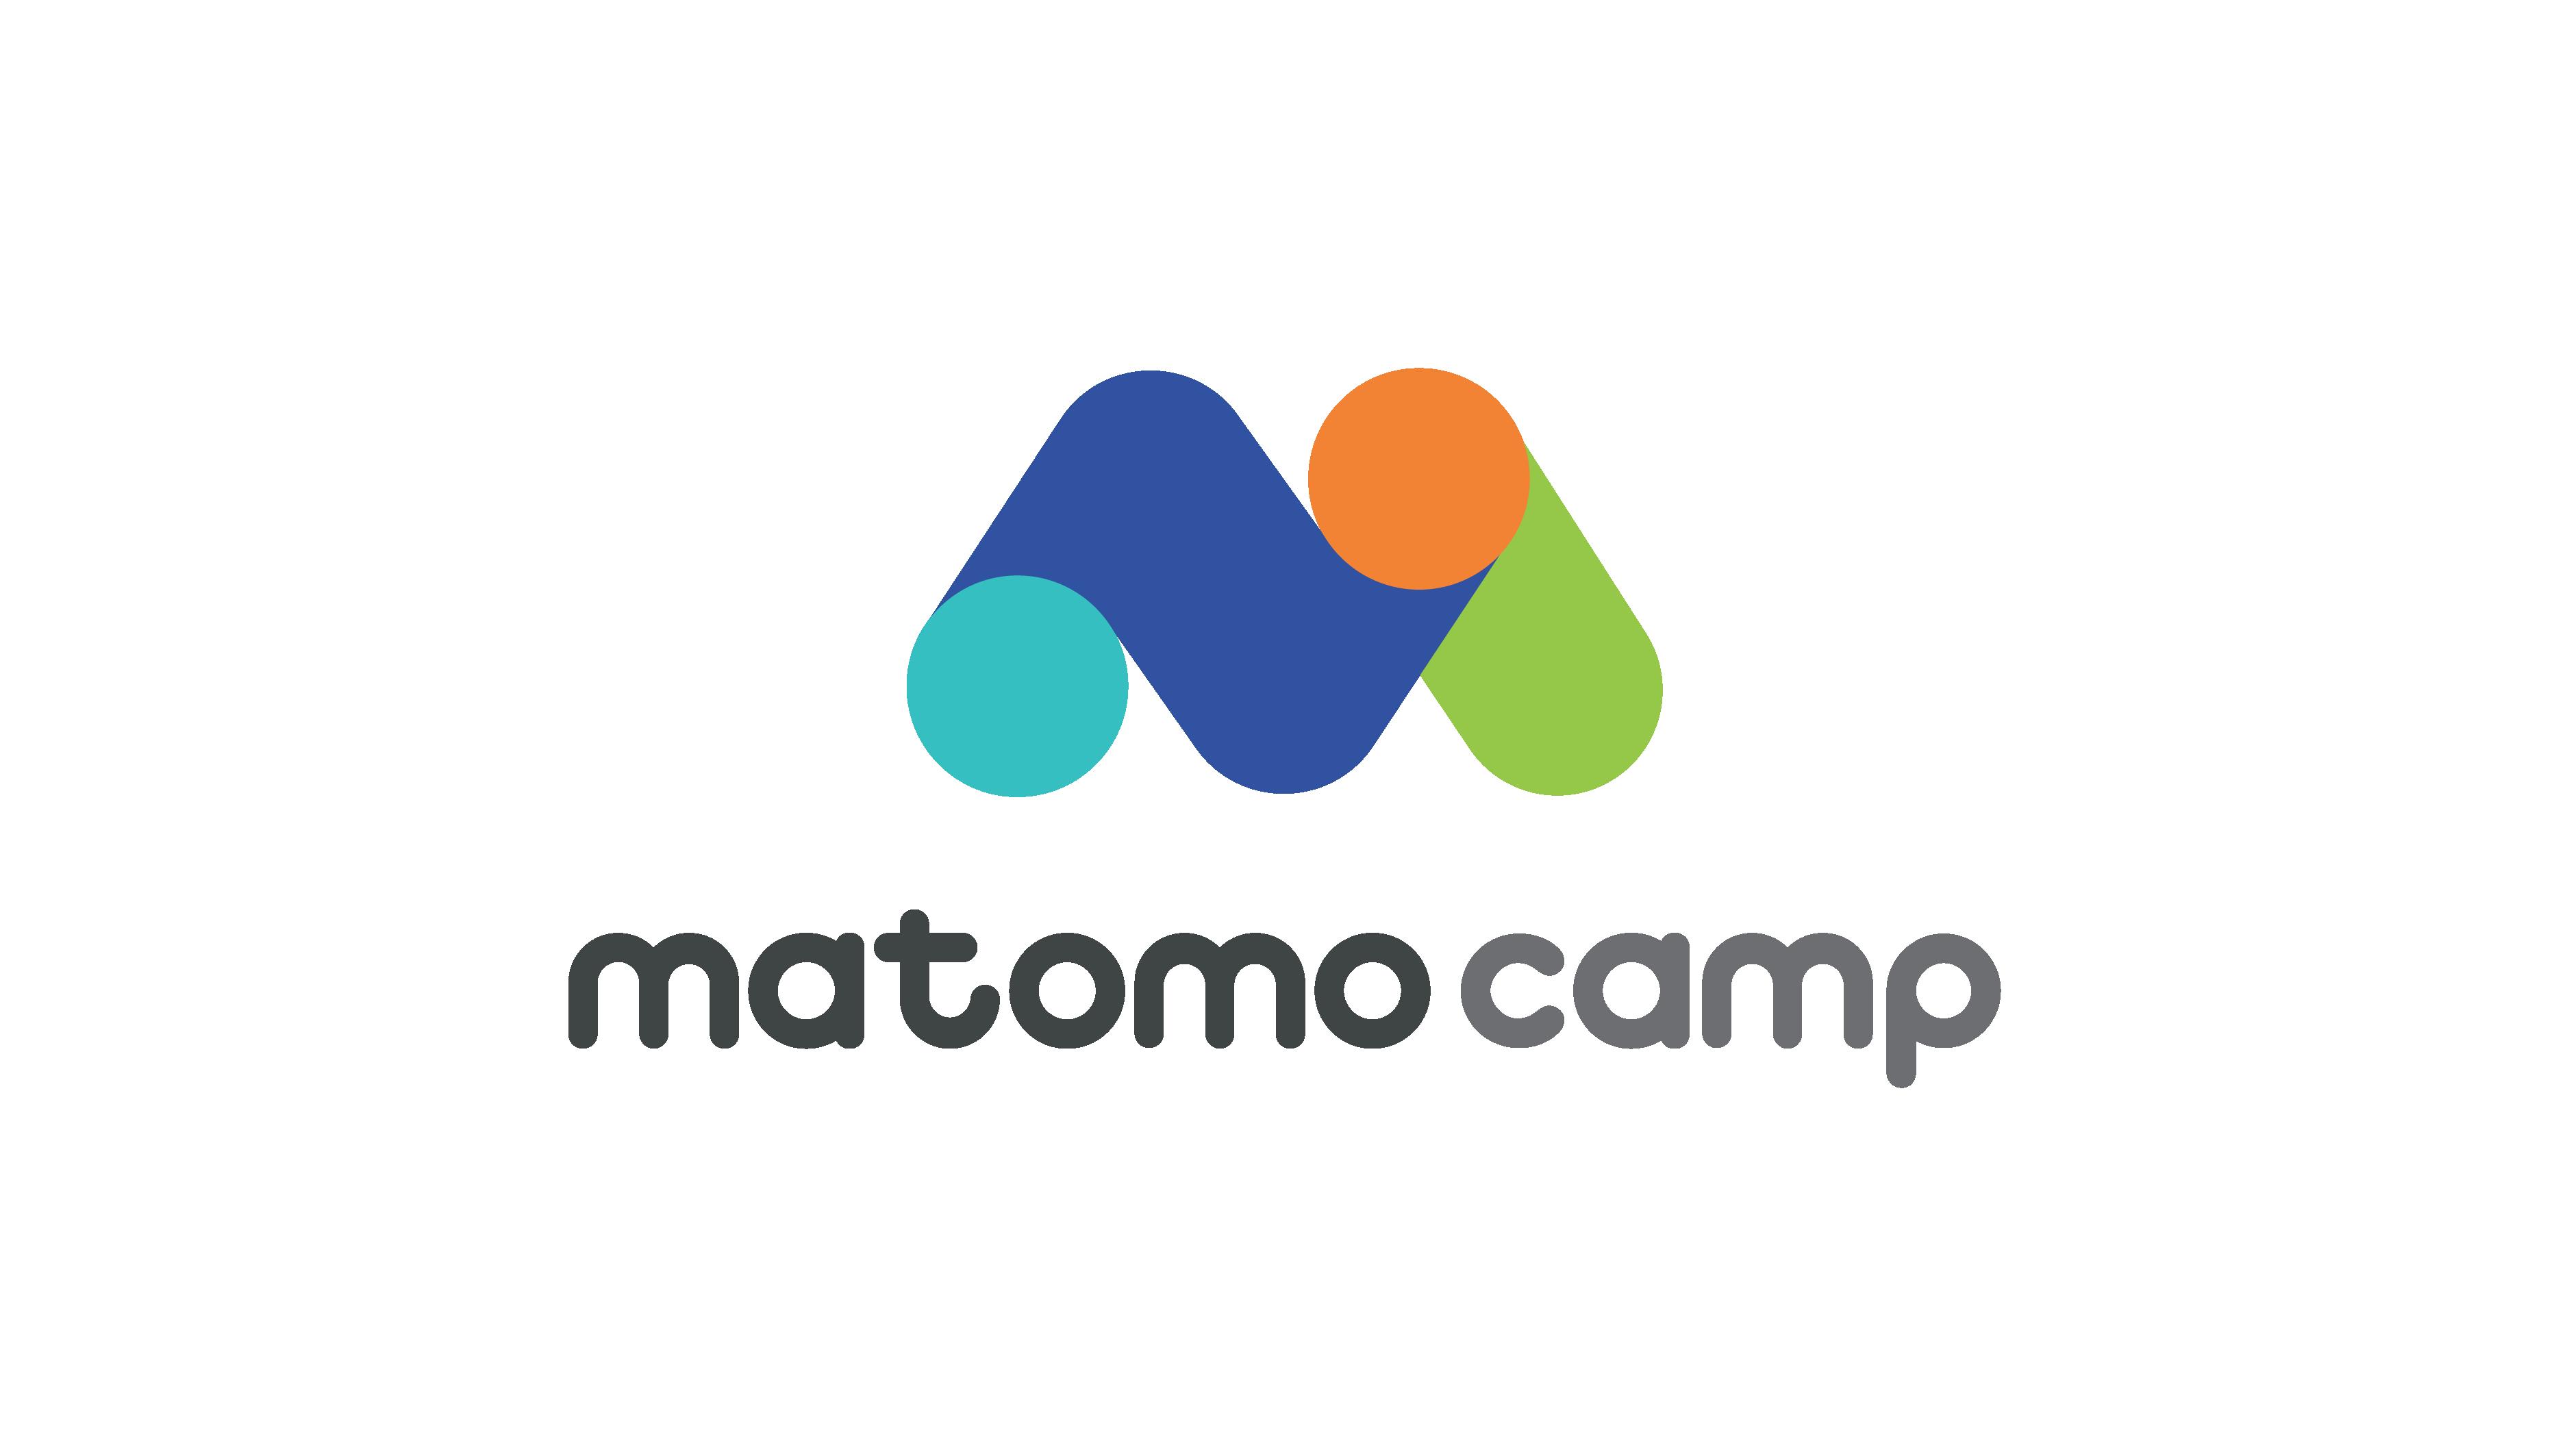 MatomoCamp